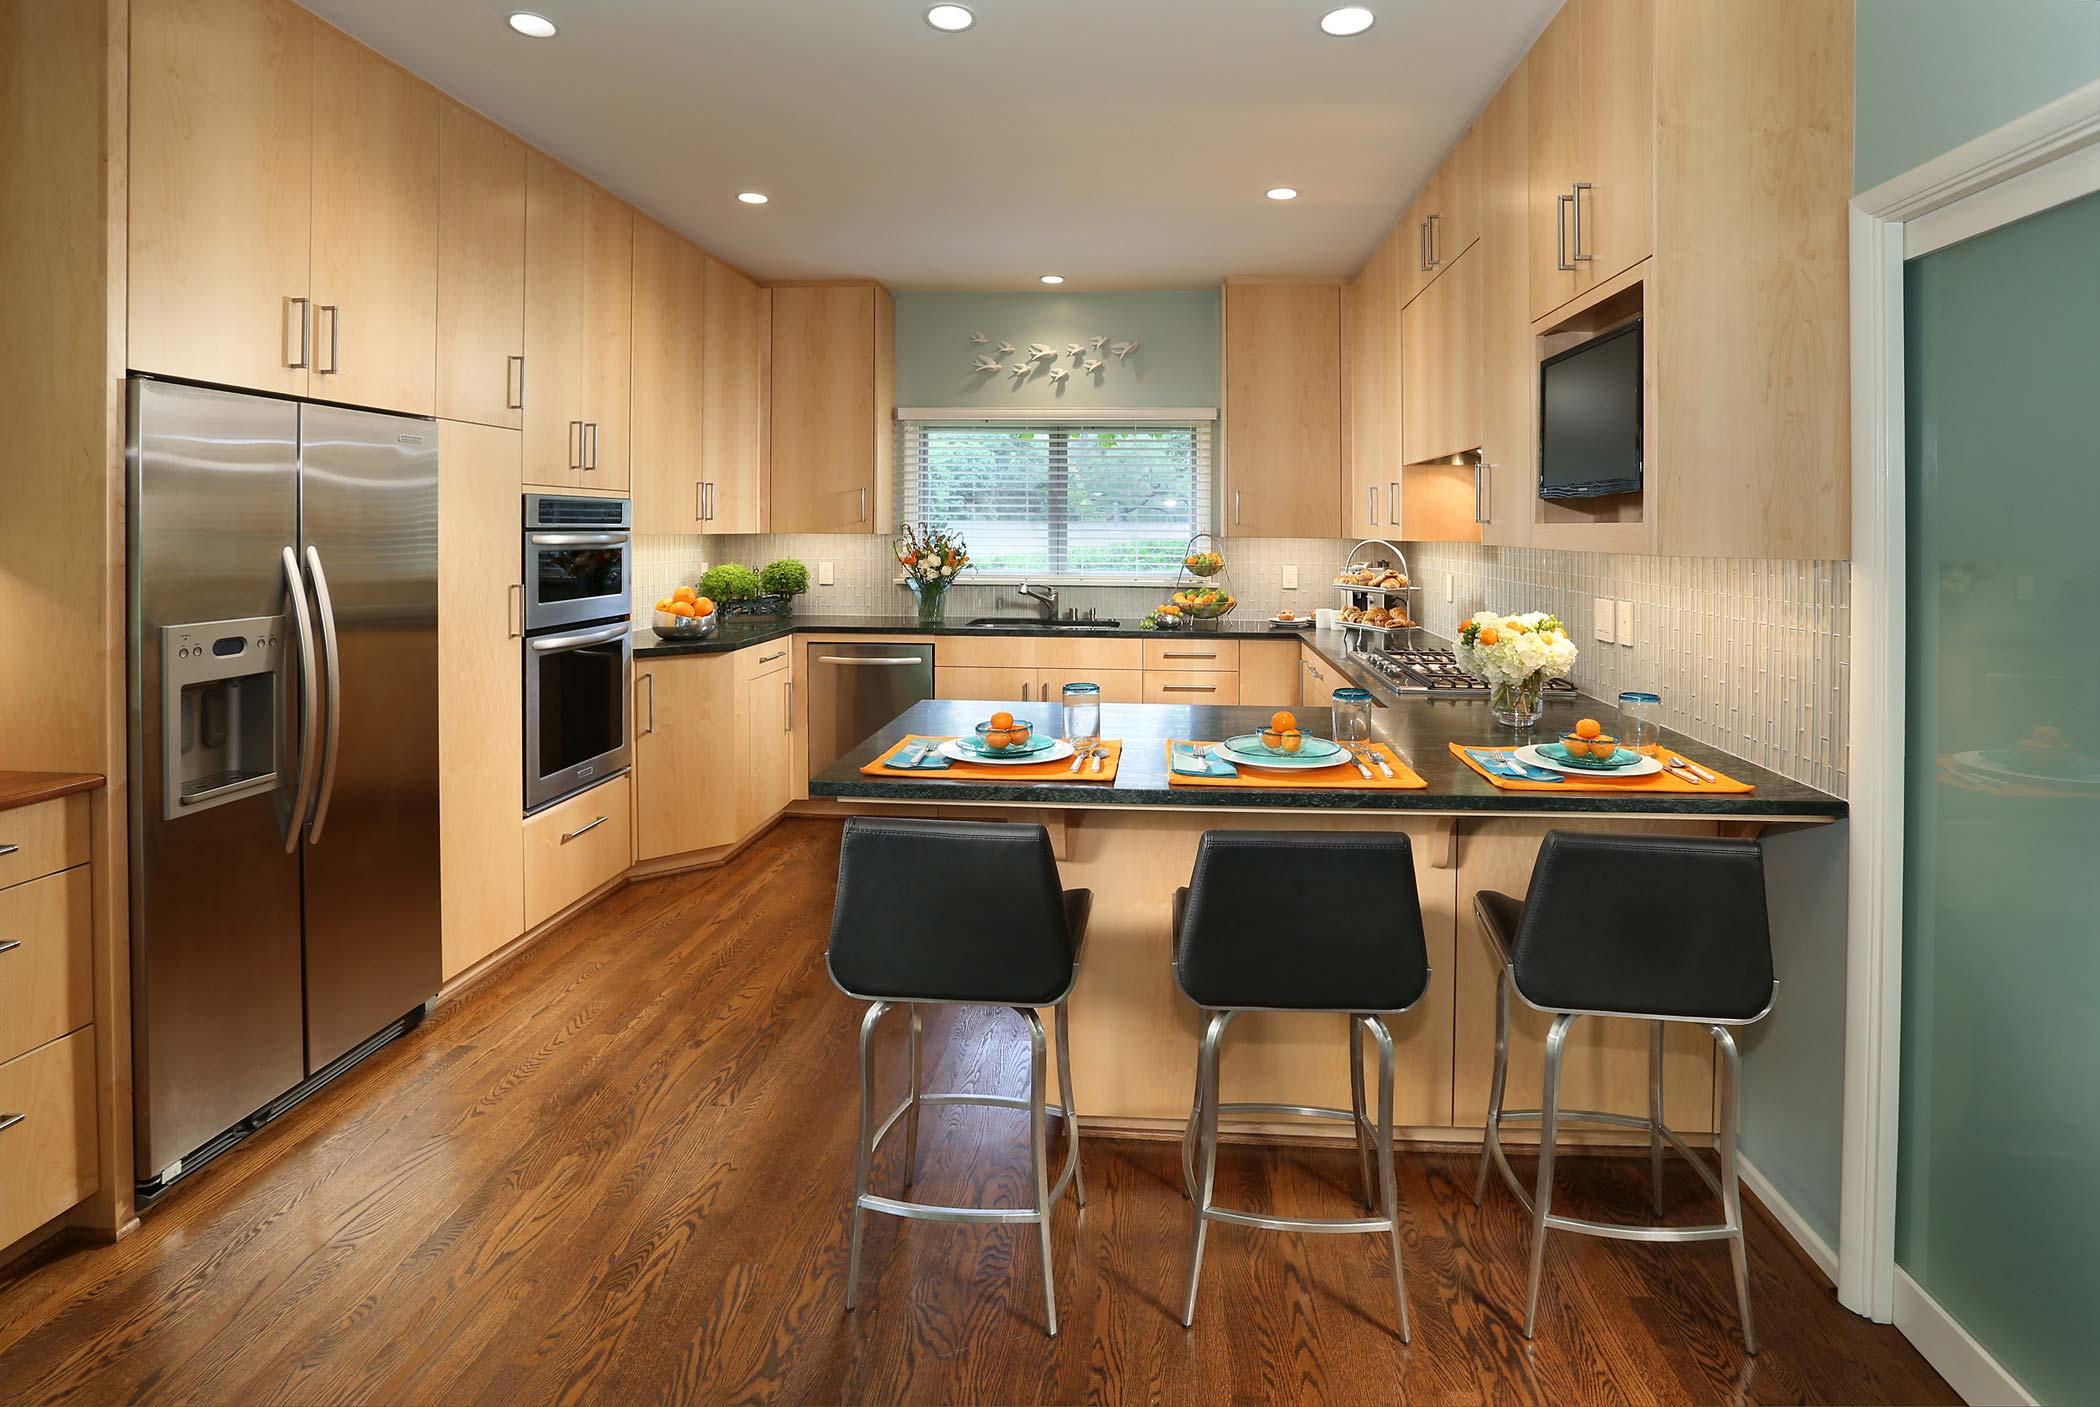 Pasadena Kitchen Remodel - After